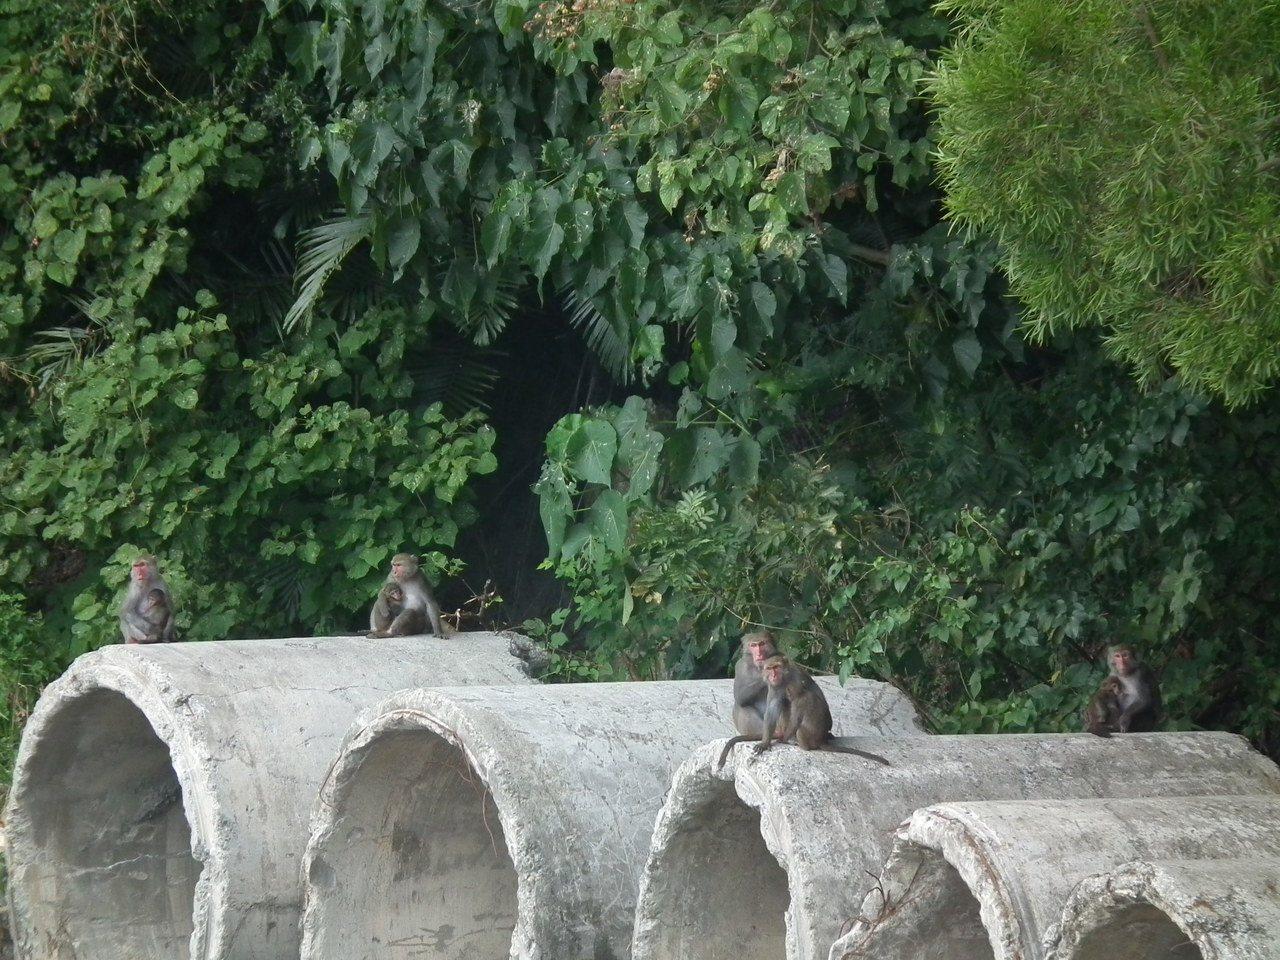 舊公路上常見整群野生台灣獼猴在公路旁休息、嬉戲。圖/讀者提供